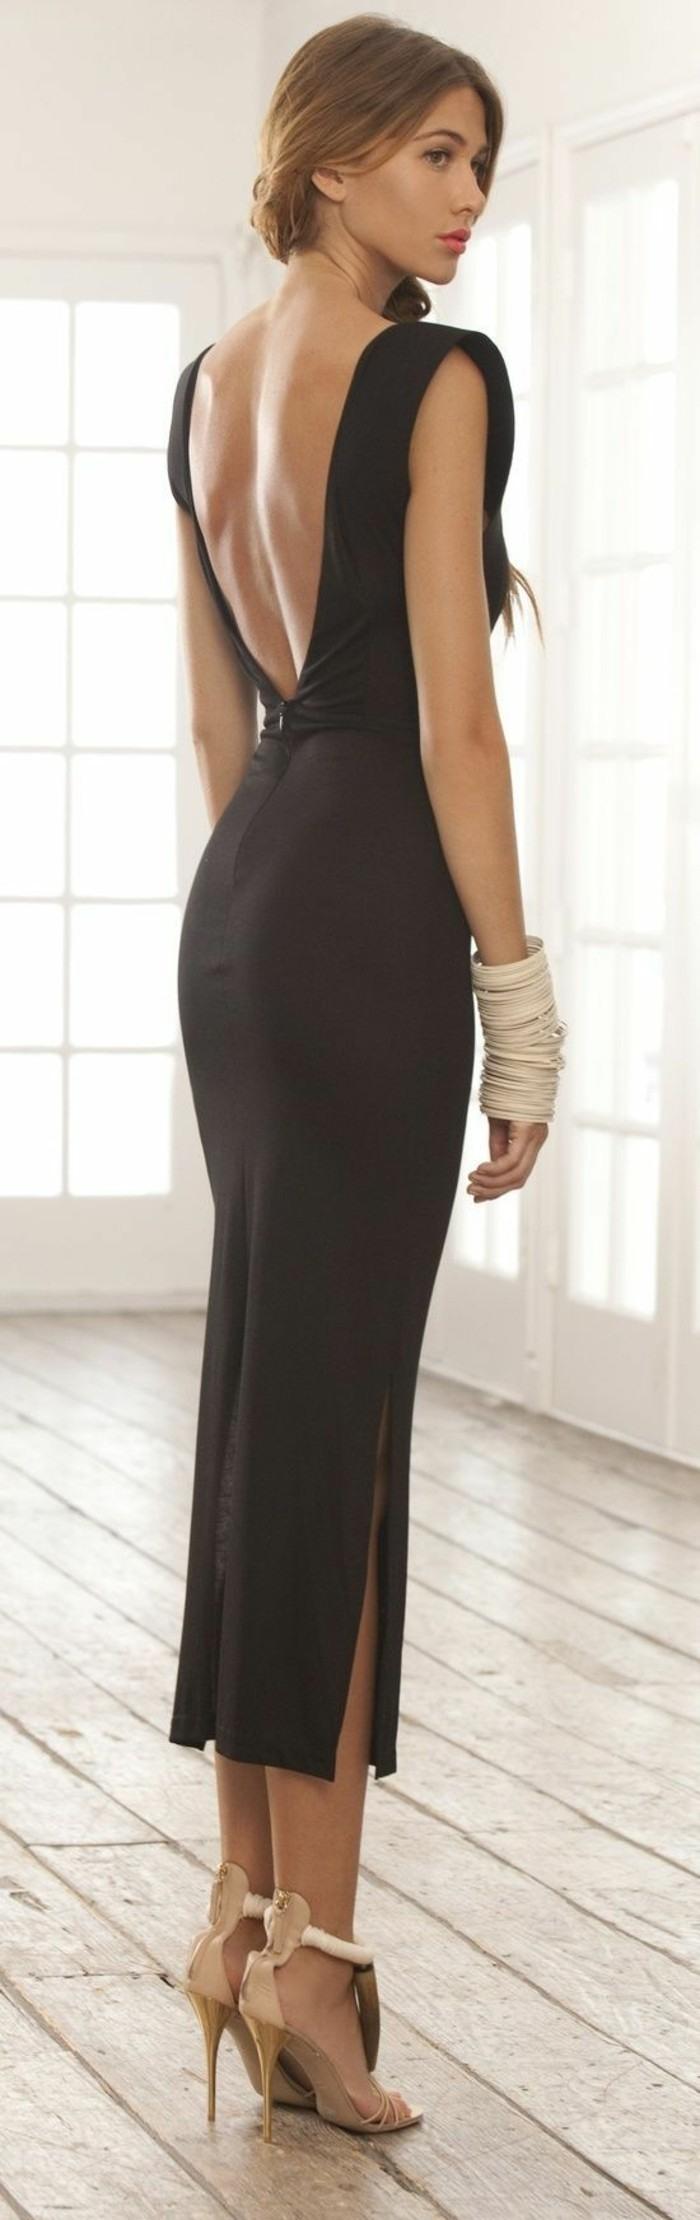 Formal Fantastisch Rückenfreies Abendkleid StylishAbend Perfekt Rückenfreies Abendkleid Galerie